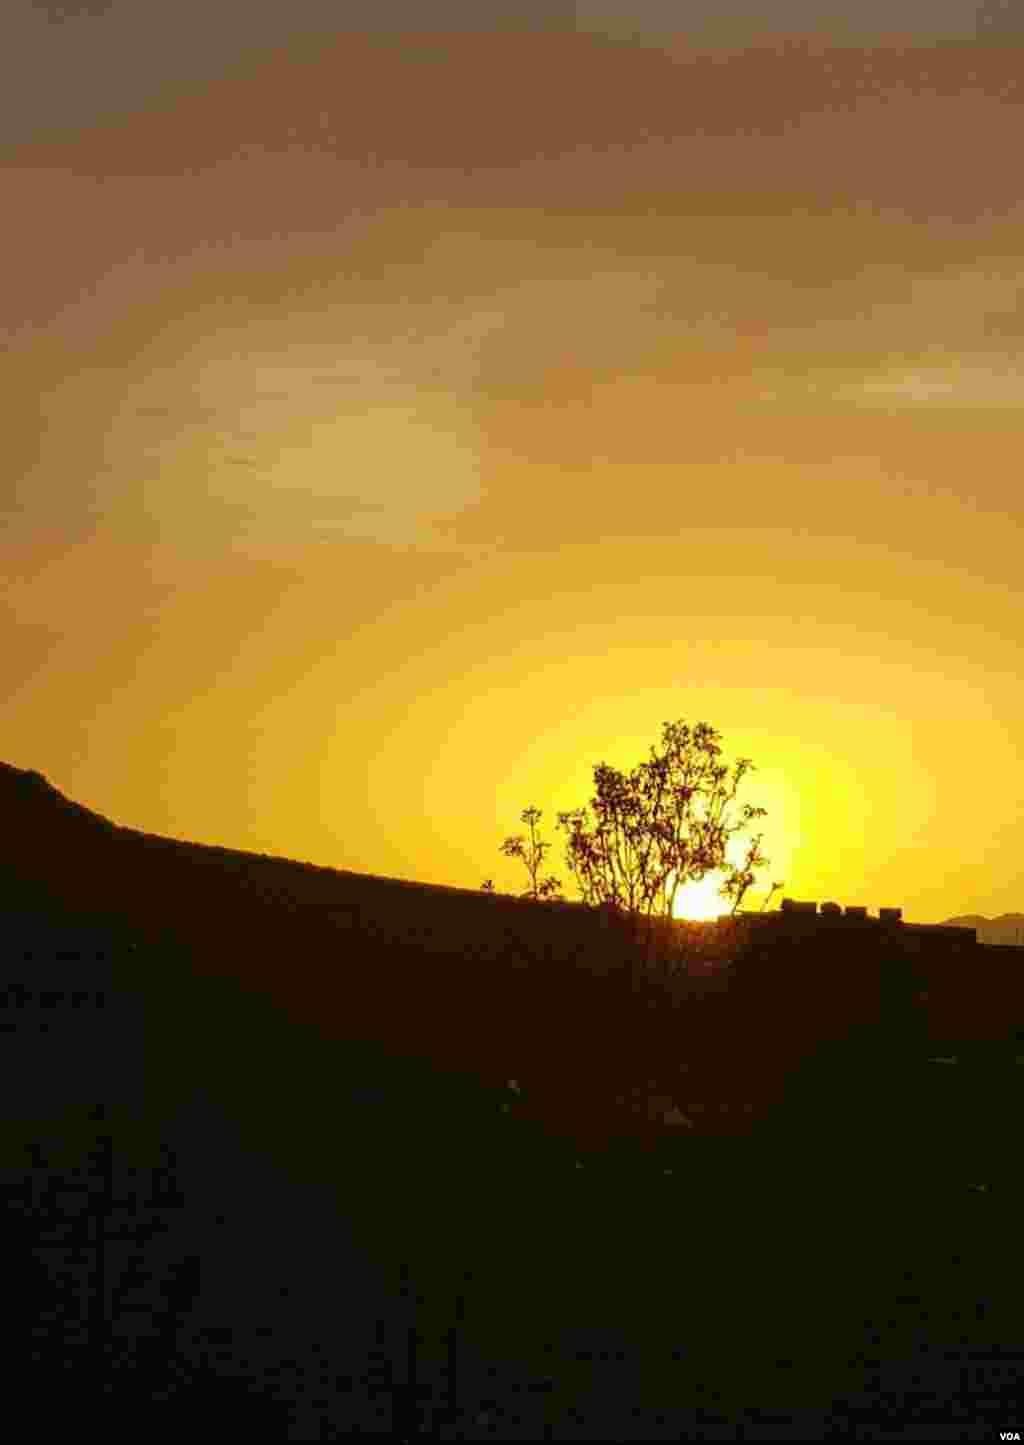 غروب آفتاب روستای خمی از توابع شهرستان بردسکن- خراسان عکس: حامد (ارسالی شما)